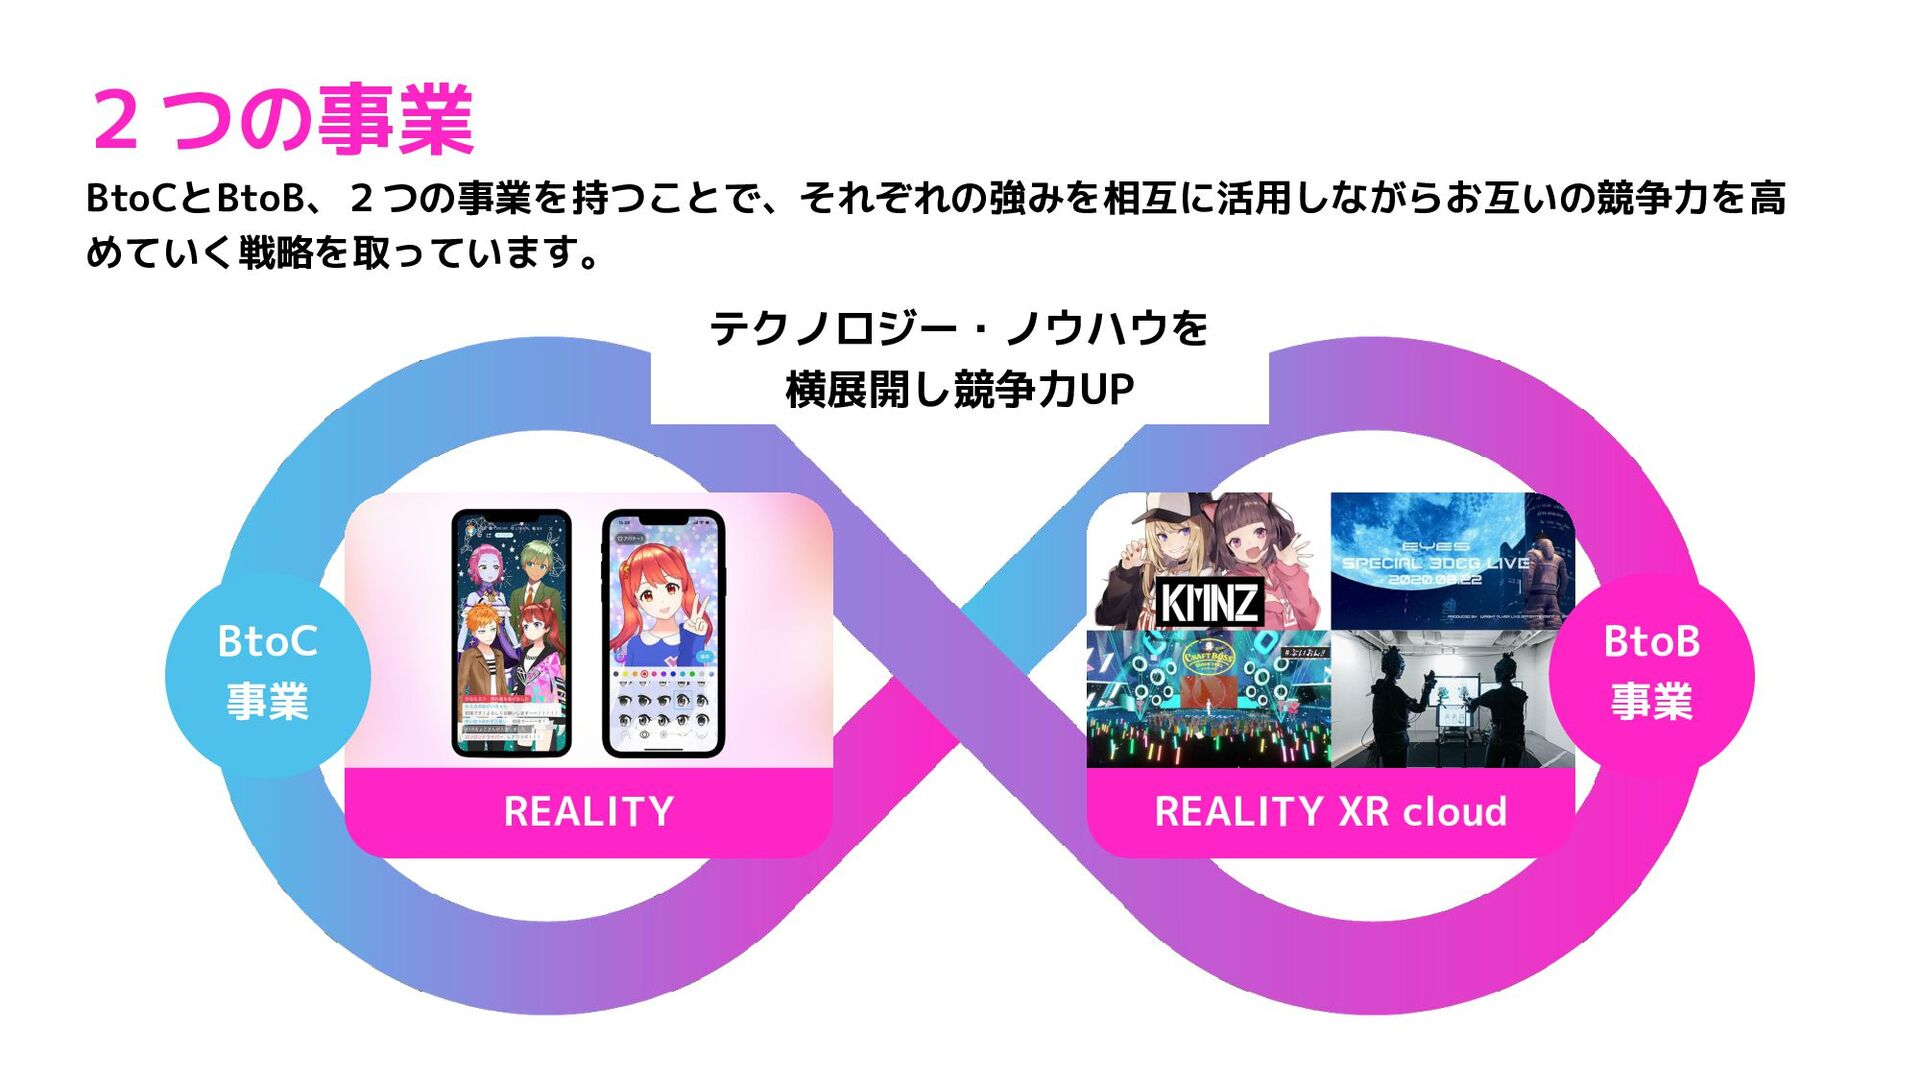 REALITY XR cloud プラットフォーム事業 (BtoC事業) XRエンターテイメン...